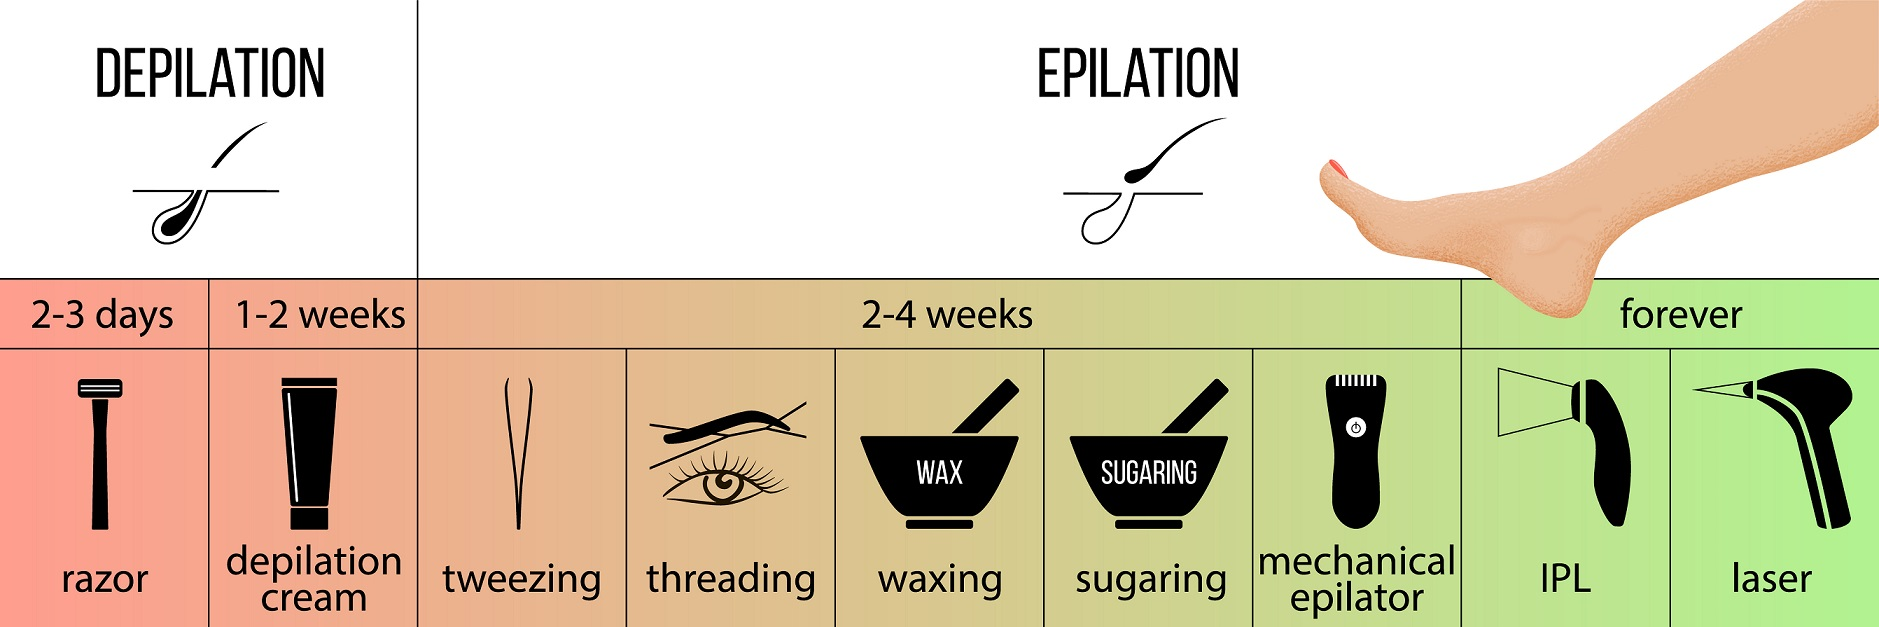 Grafik Unterschied Depilation und Epilation